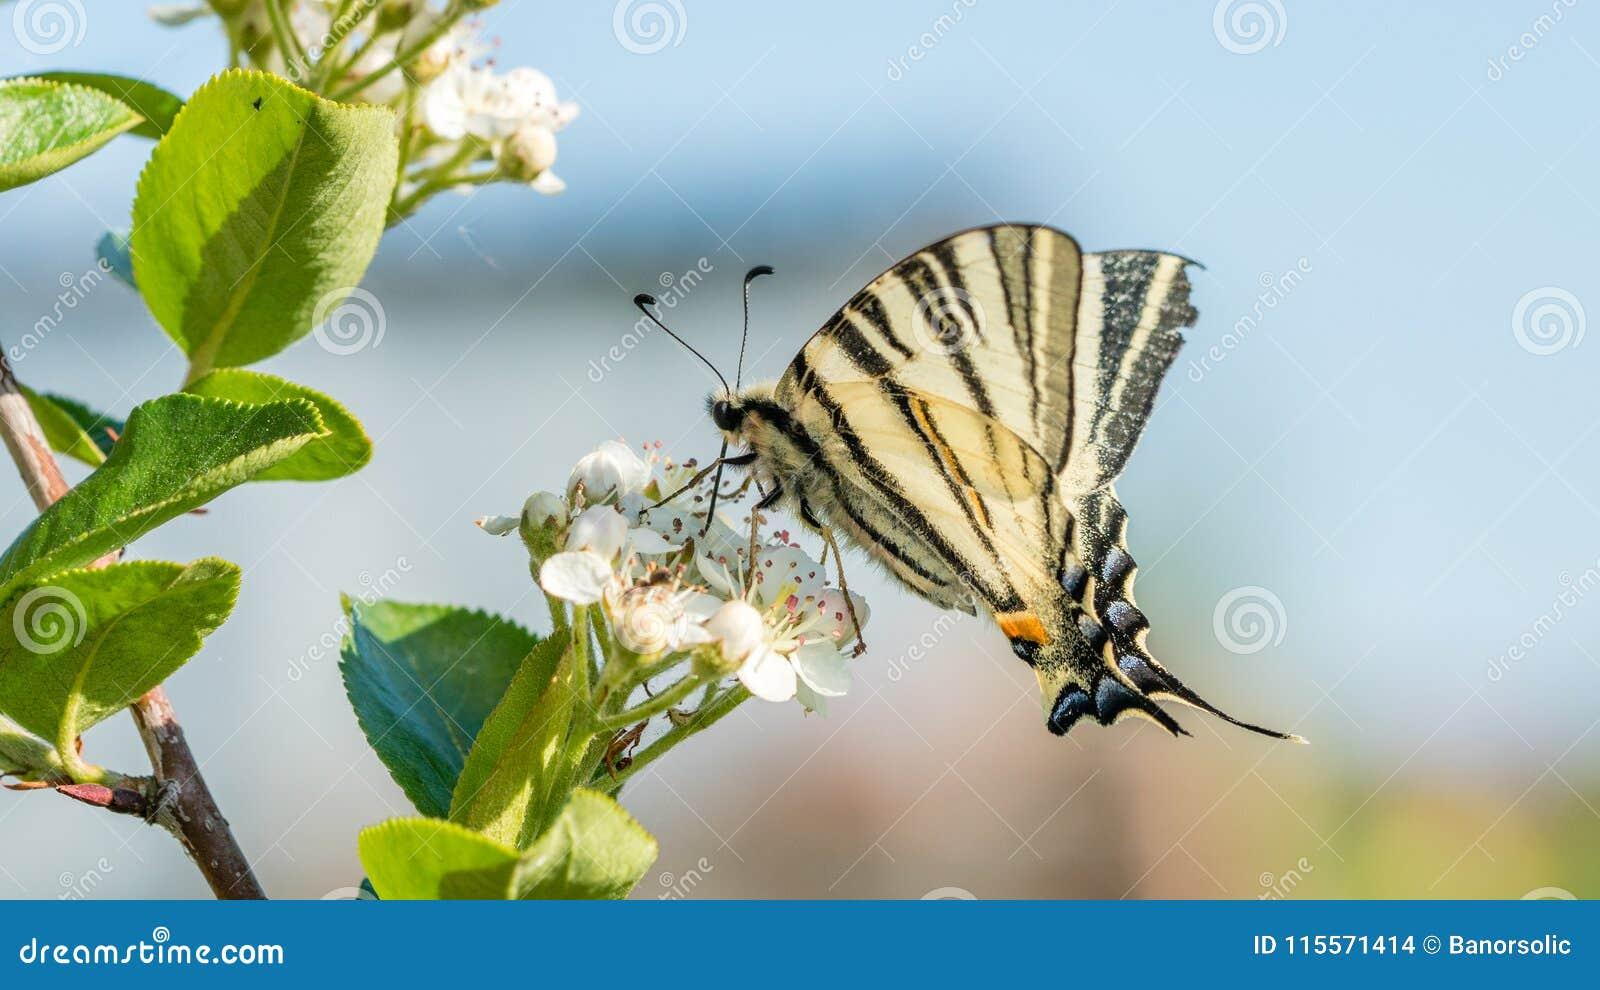 O machaon de Papilio, o Velho Mundo ou swallowtail amarelo comum, é uma borboleta da família Papilionidae